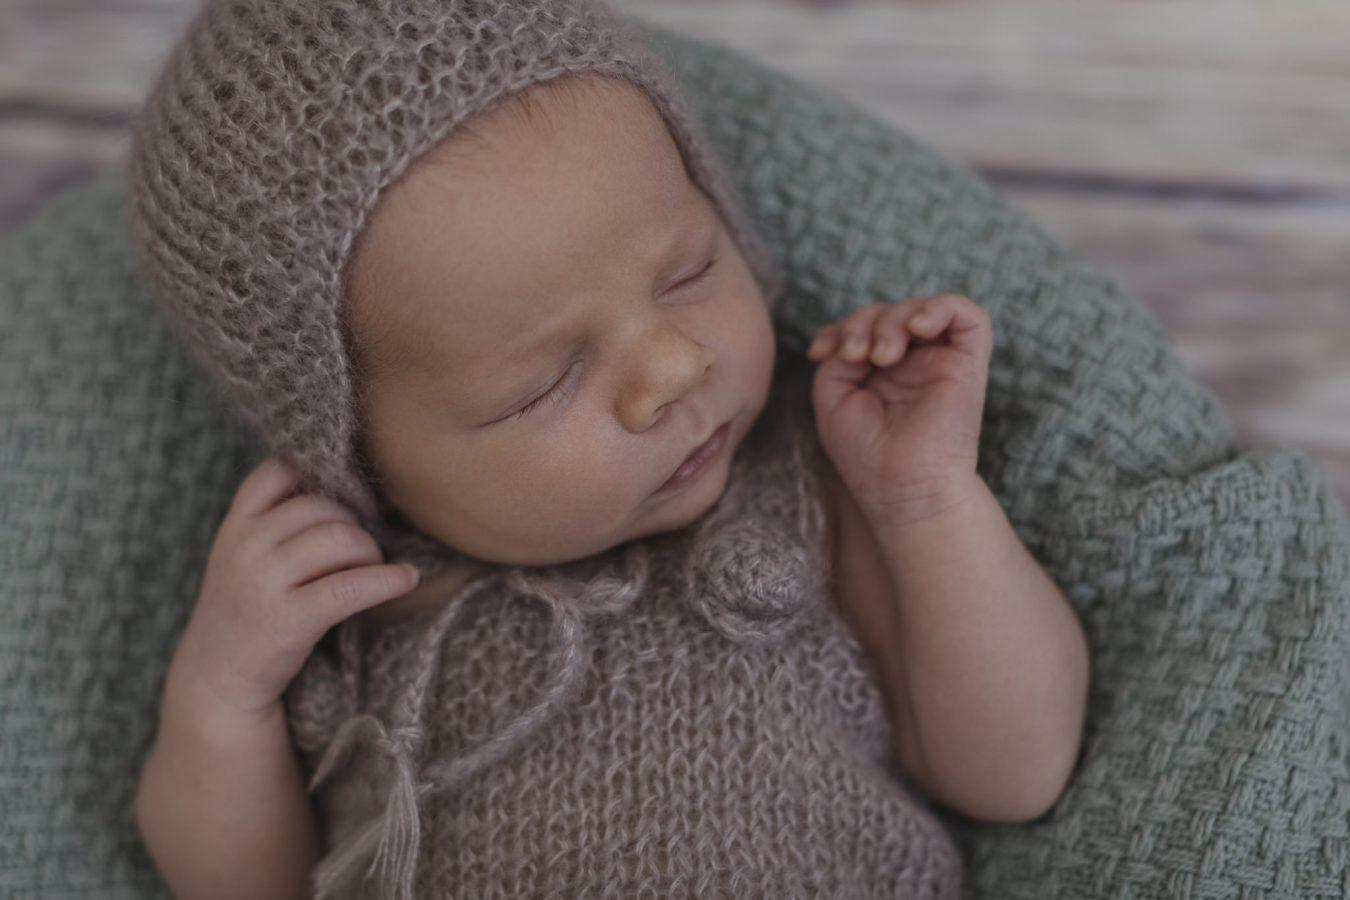 Babyfotograf Hamburg - Baby liegt in Körbchen und hat eine Mütze auf